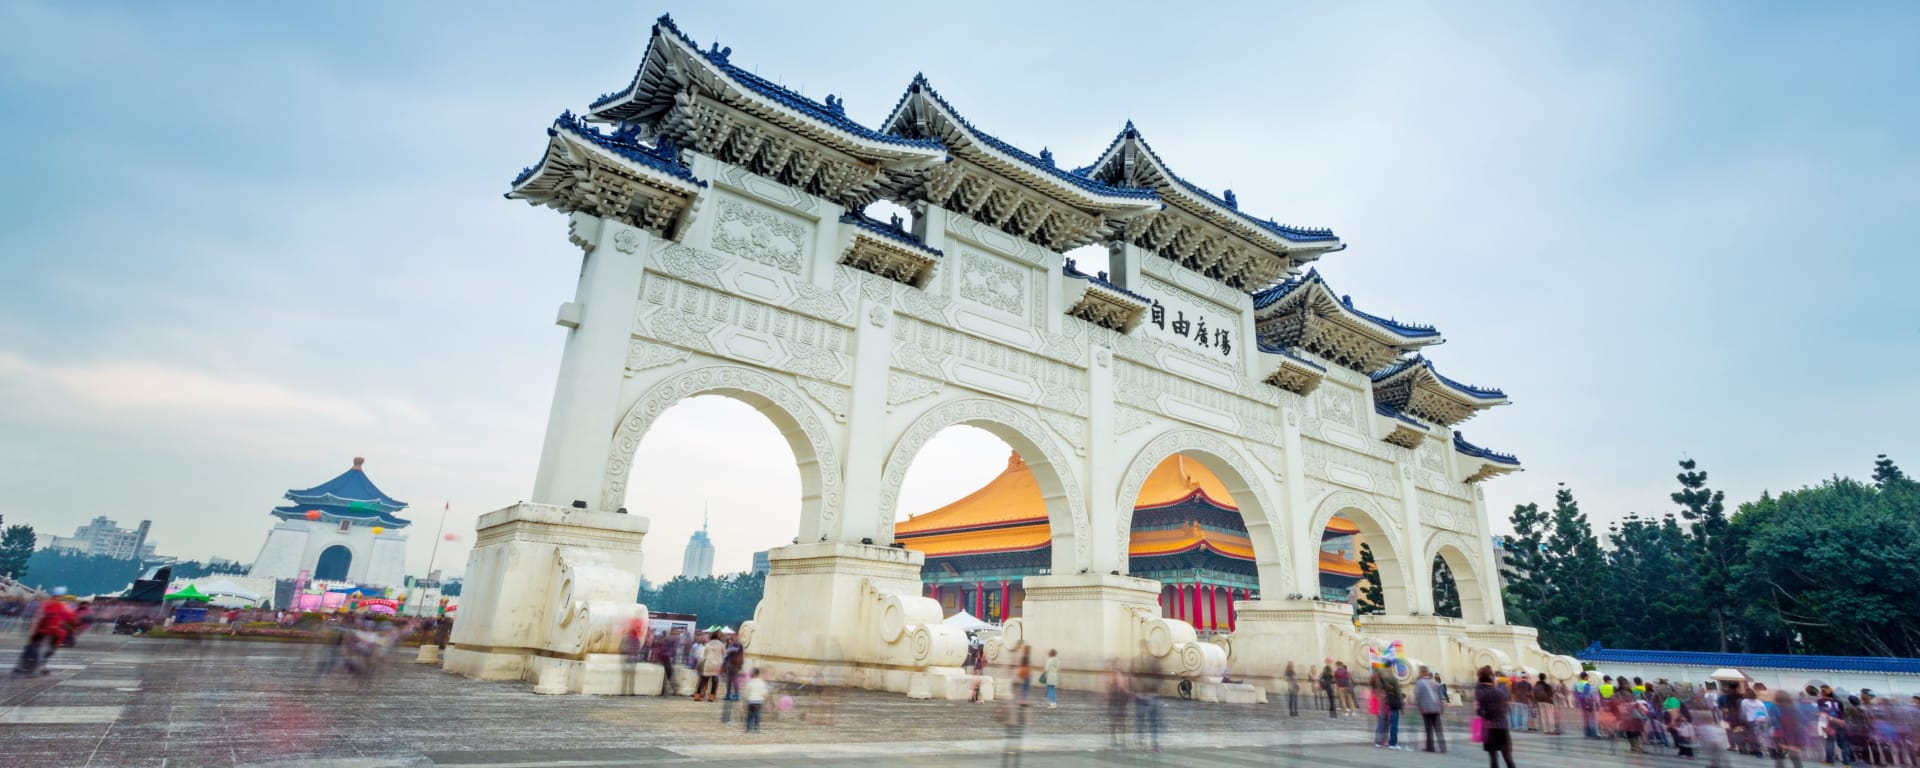 Taiwan entdecken mit Tischler Reisen: Taiwan Taipei Democracy Memorial Hall